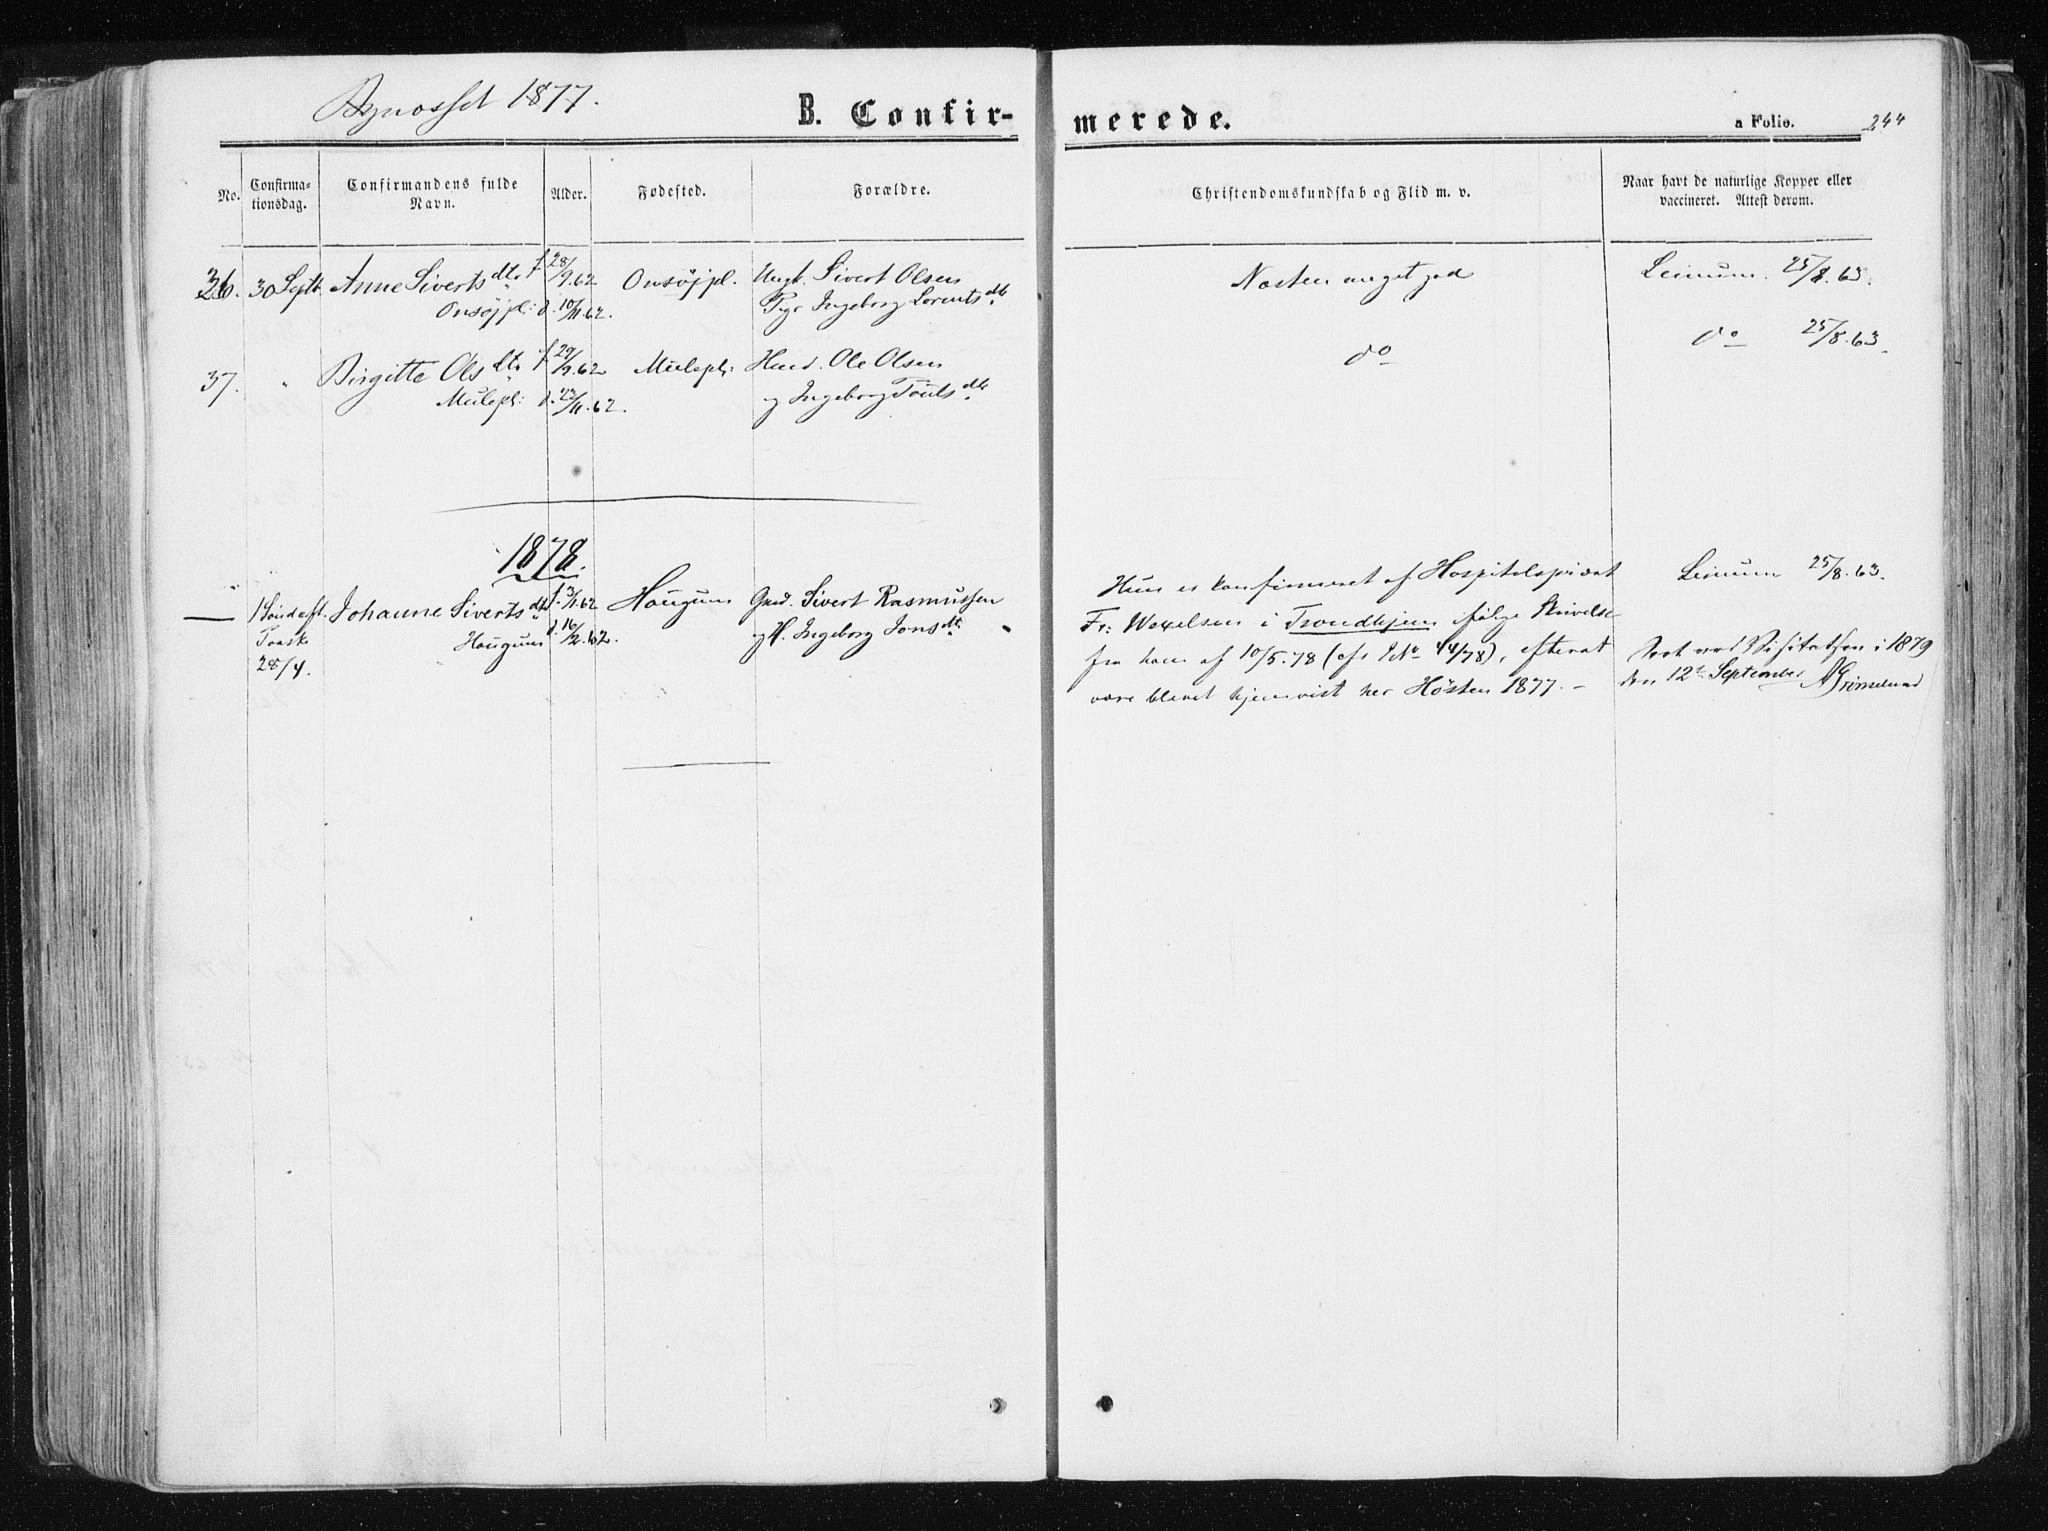 SAT, Ministerialprotokoller, klokkerbøker og fødselsregistre - Sør-Trøndelag, 612/L0377: Ministerialbok nr. 612A09, 1859-1877, s. 244